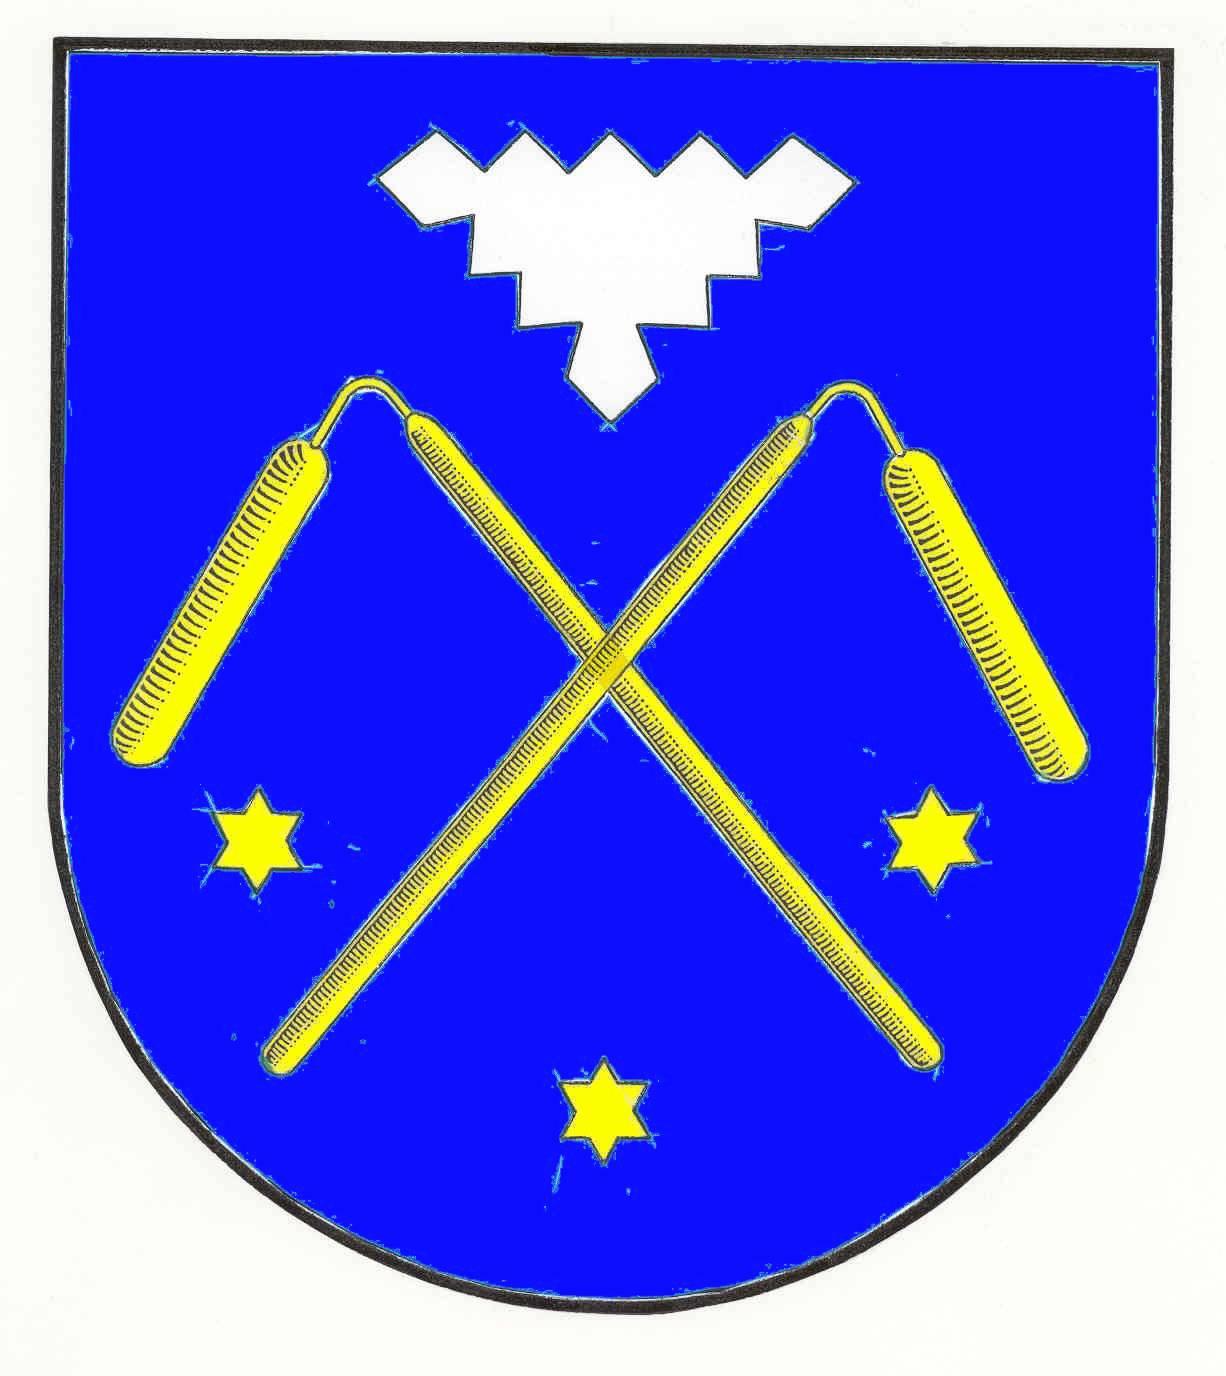 Wappen GemeindeGroßenbrode, Kreis Ostholstein